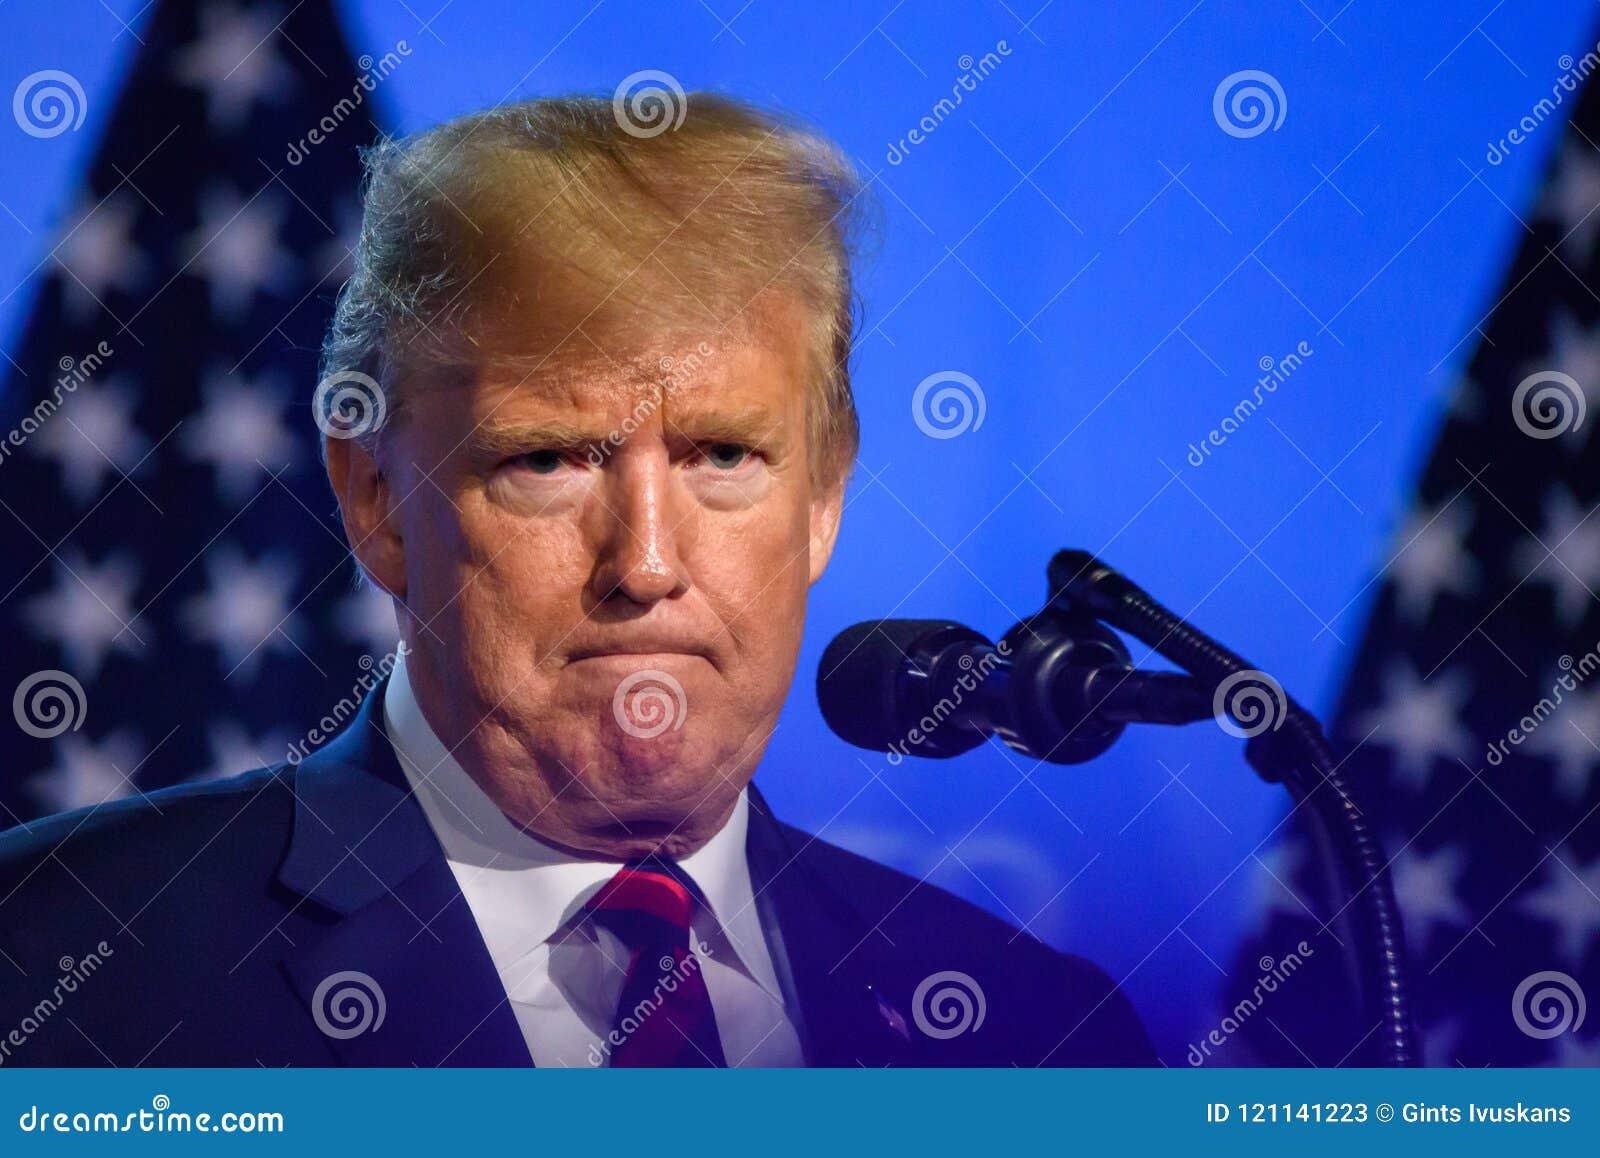 Donald Trump, presidente de los Estados Unidos de América, durante rueda de prensa en la CUMBRE de OTAN 2018